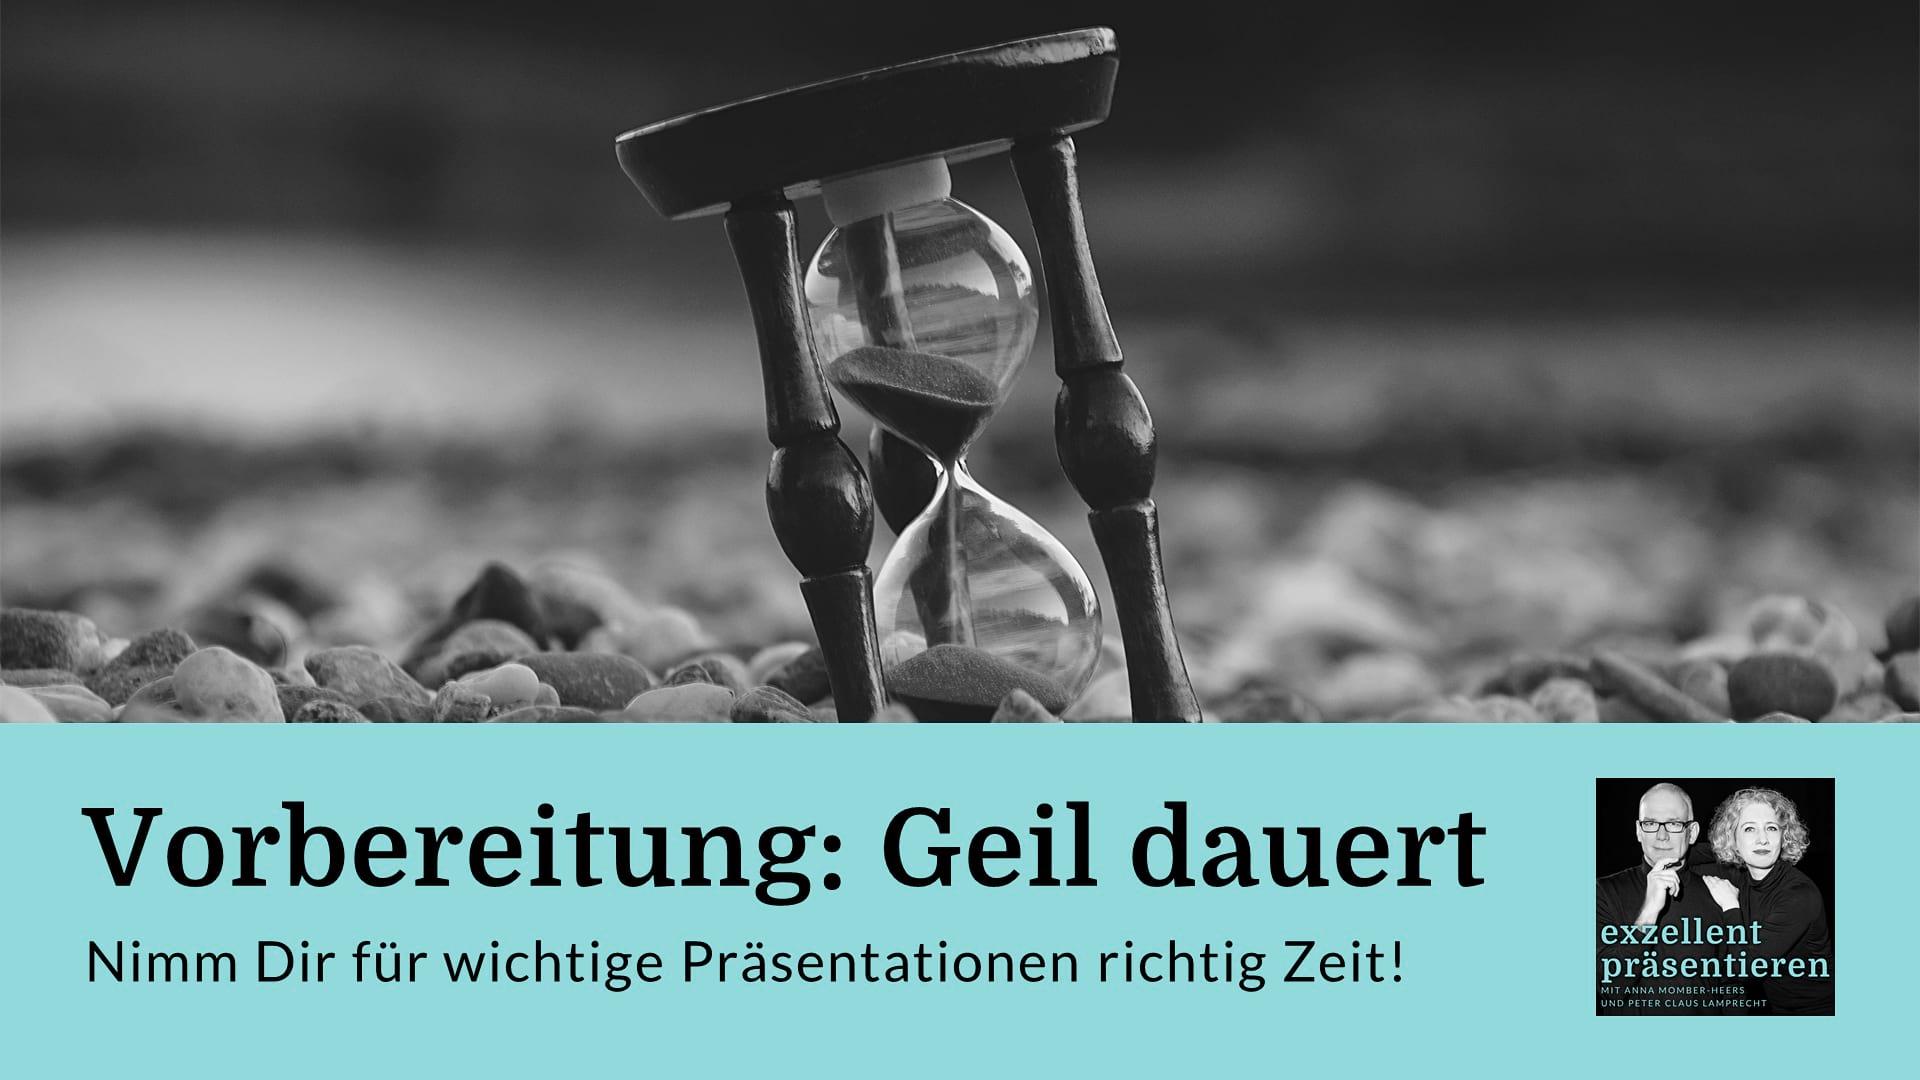 Vorbereitung: Geil dauert - Nimm Dir für wichtige Präsentationen richtig Zeit!